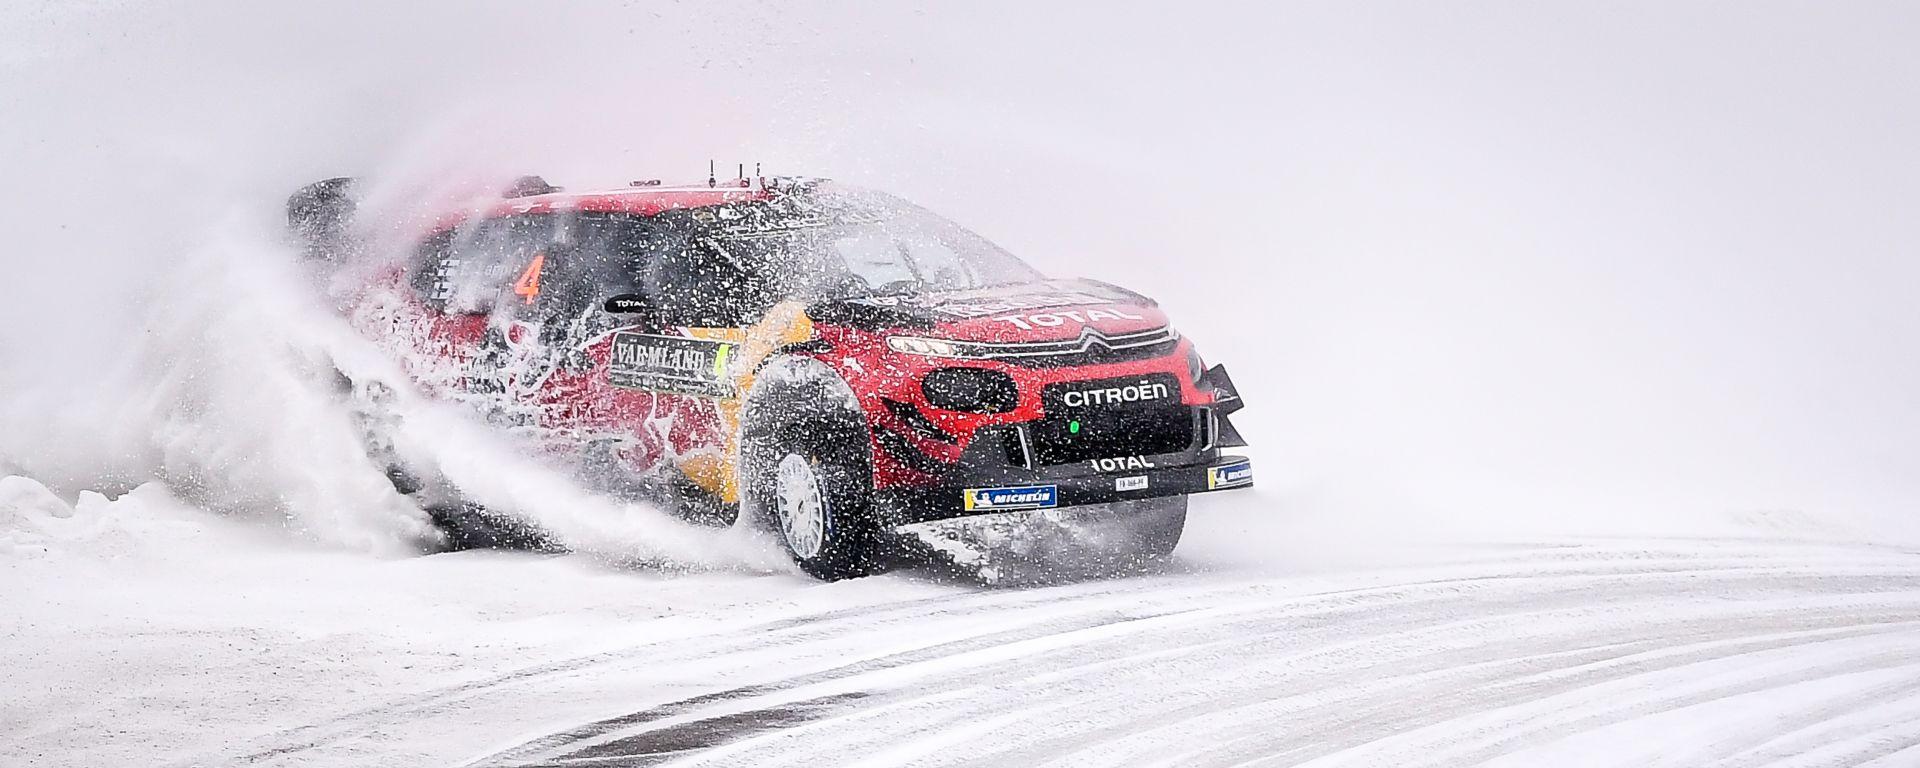 WRC 2019: in Svezia un podio che vale oro per Citroen